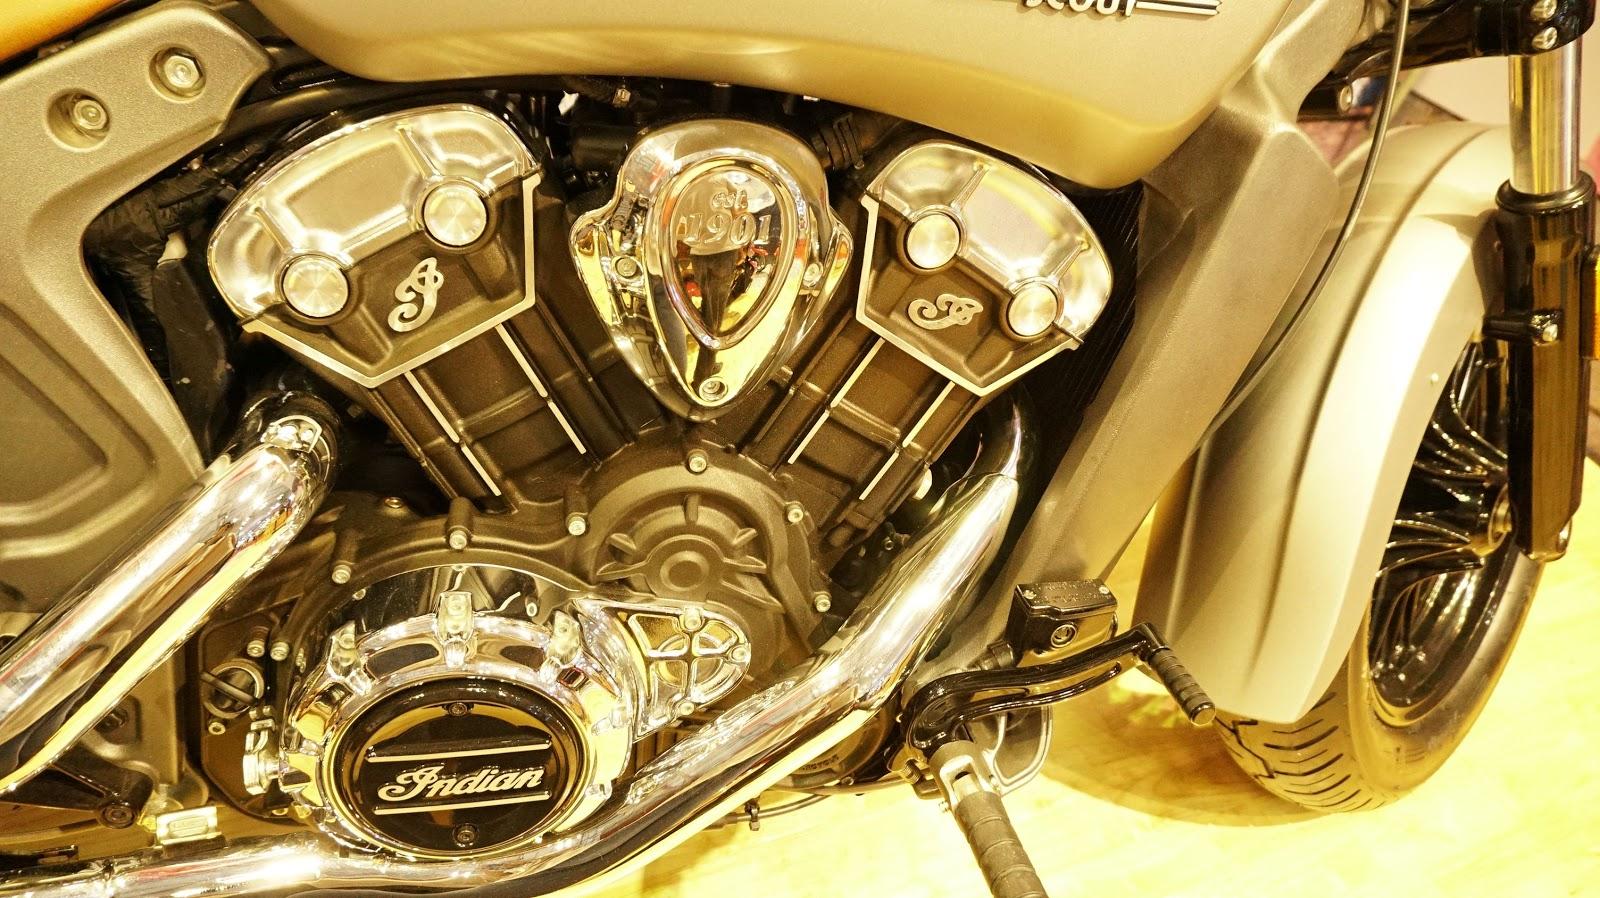 Khối động cơ mạnh mẽ, sáng bóng và dung tích lên đến 1130 cc